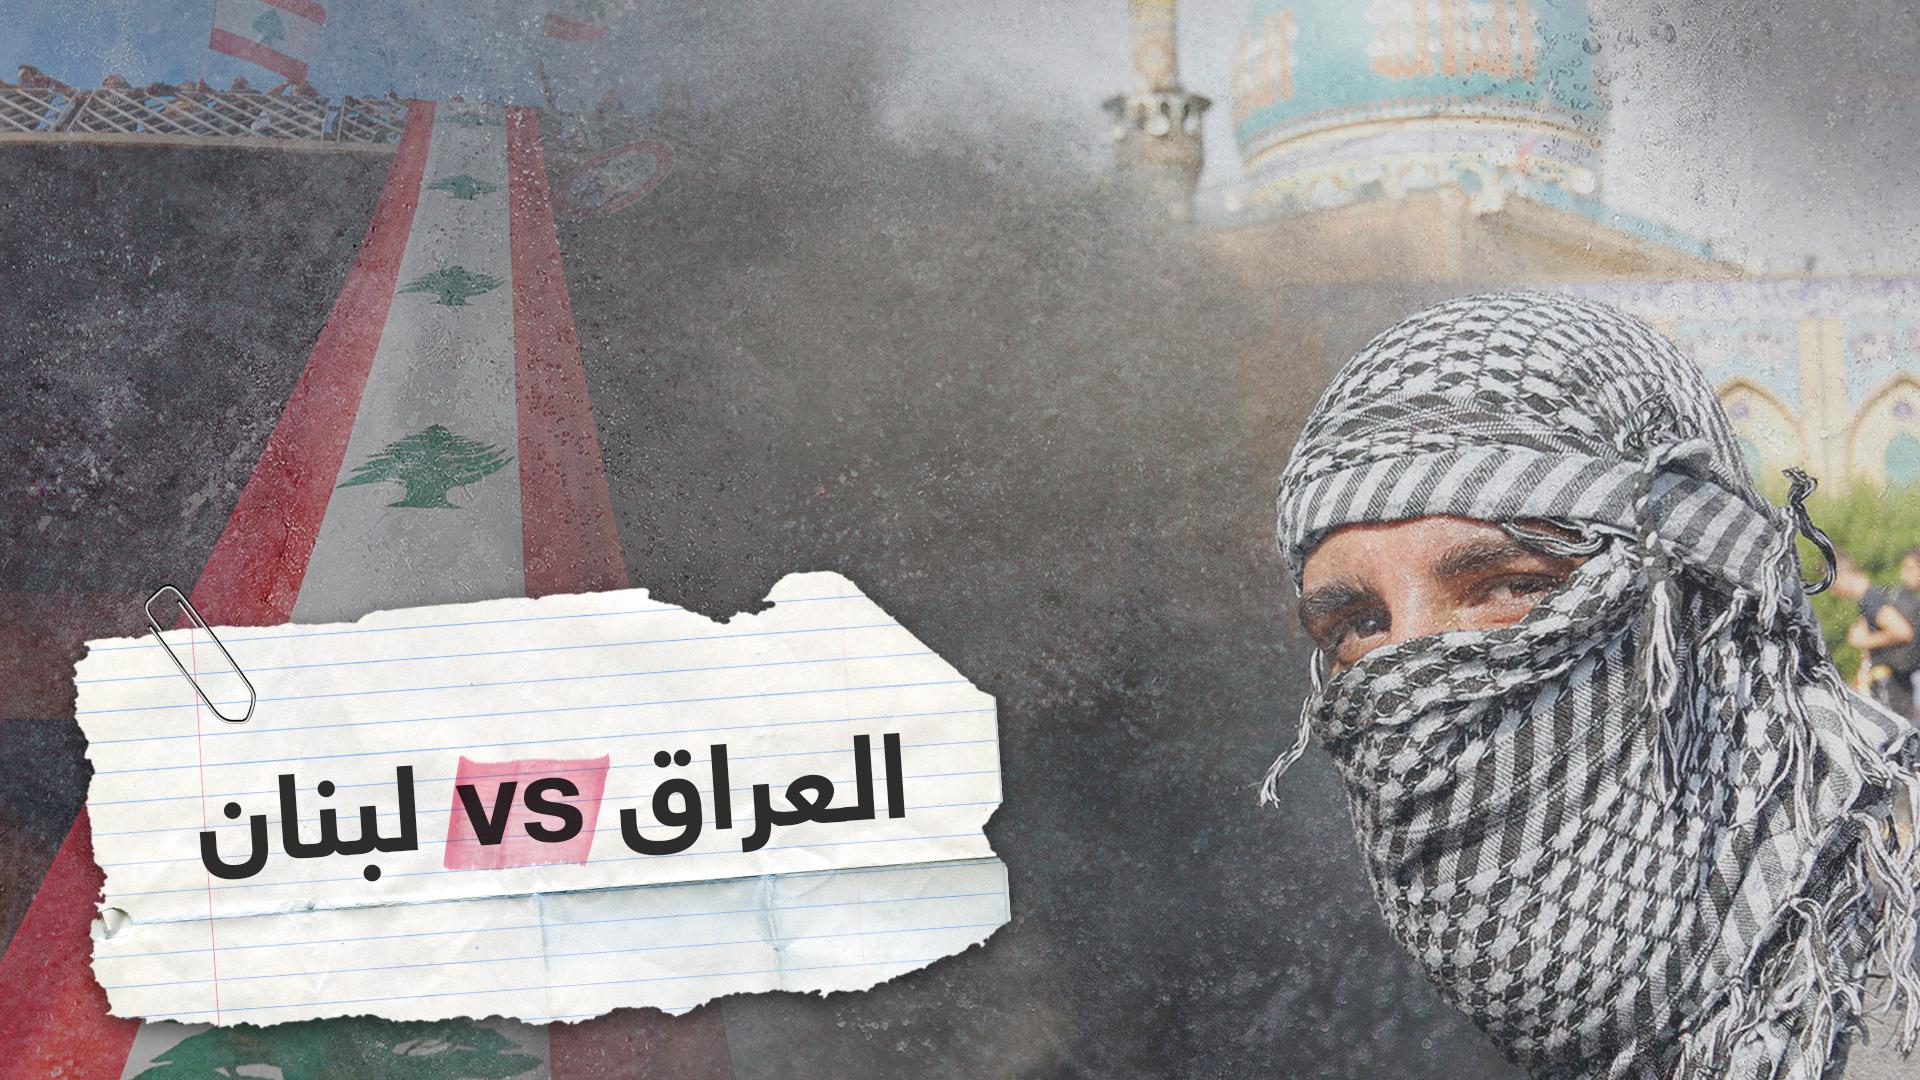 بالأرقام.. مقارنة بين احتجاجات العراق ولبنان